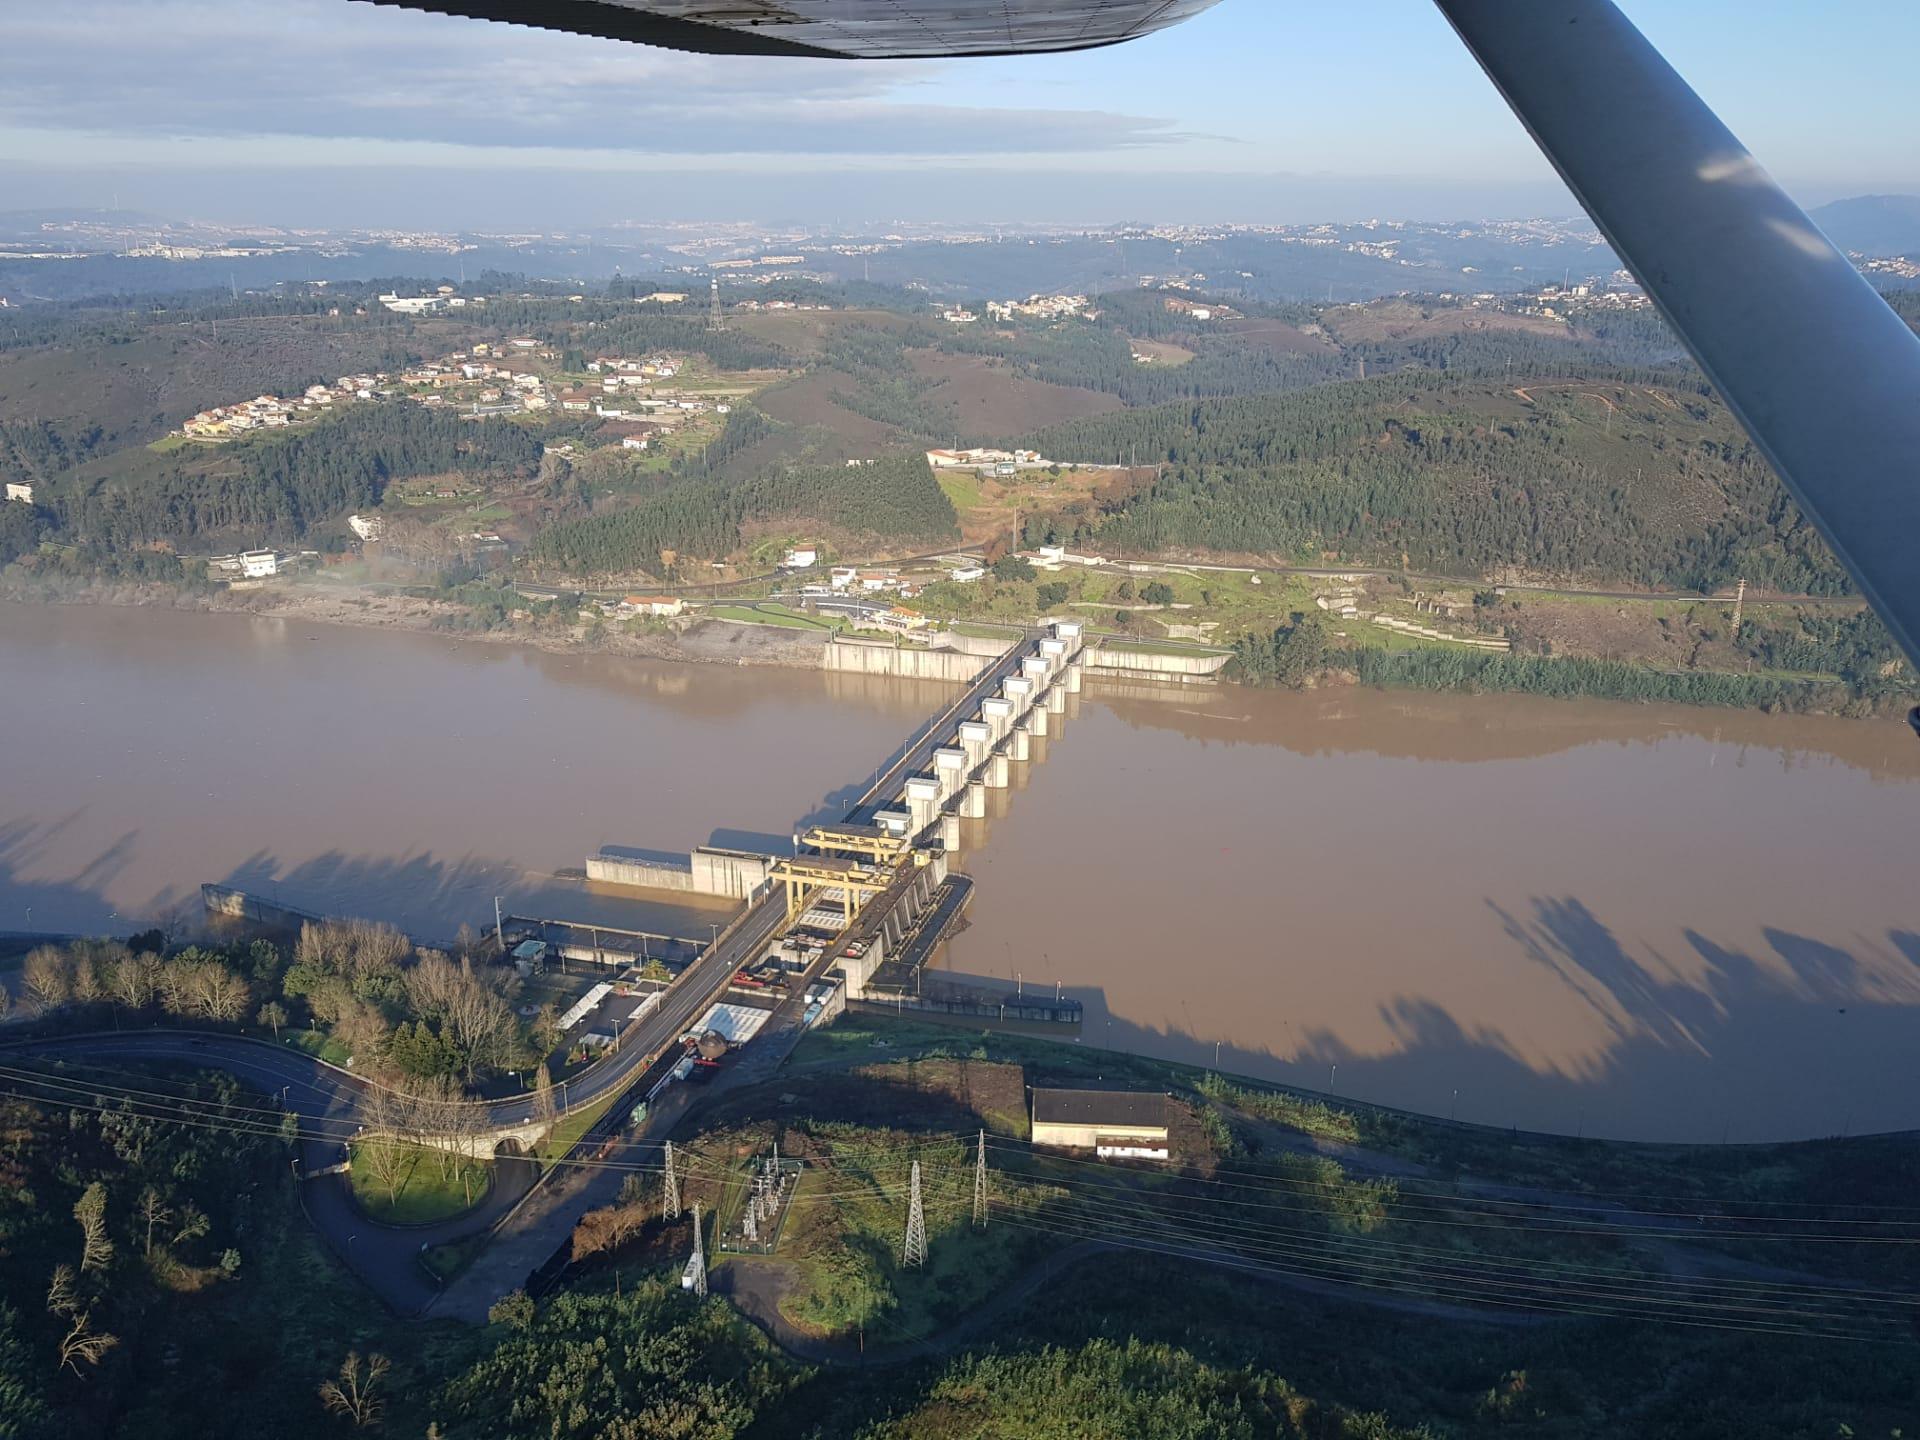 LM-Arquivo-Douro-Paiva-Foto-Aerea-ETA-Lever-089